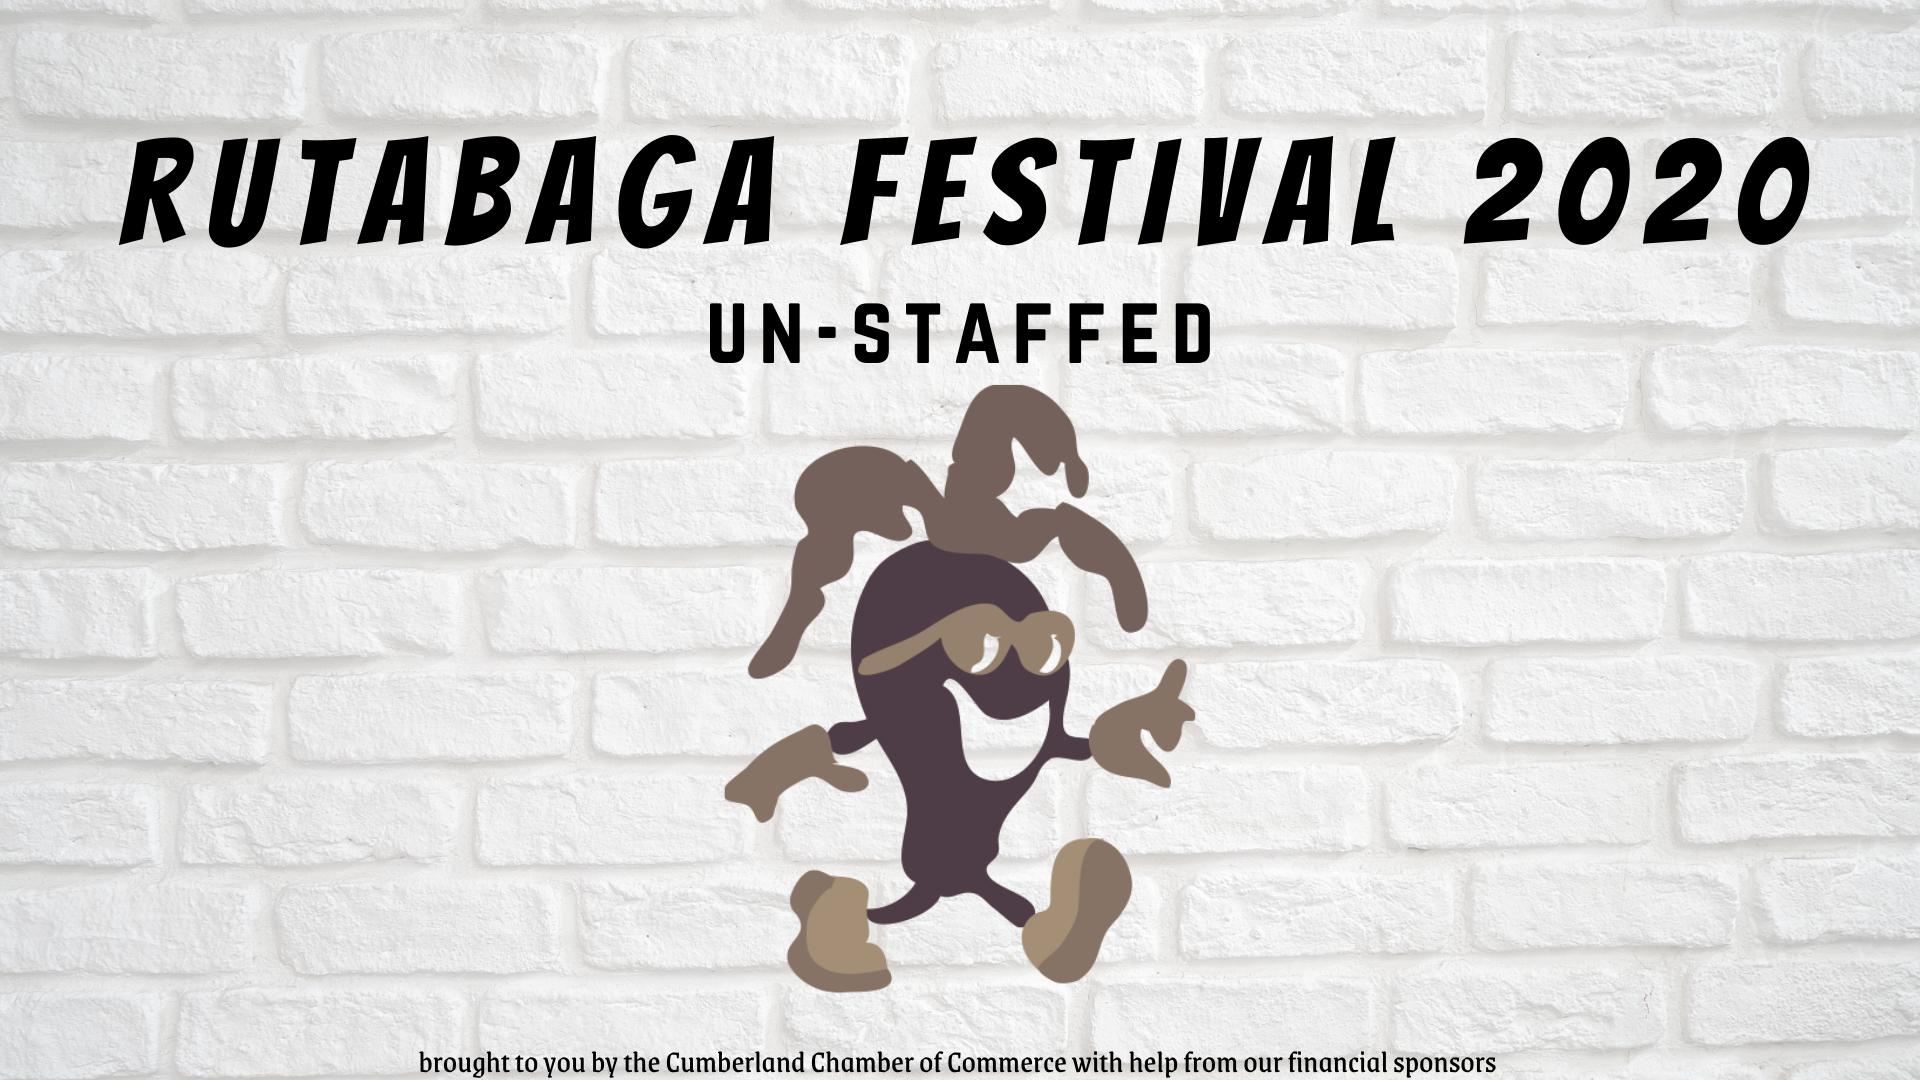 RUTABAGA-FESTIVAL-2020.png